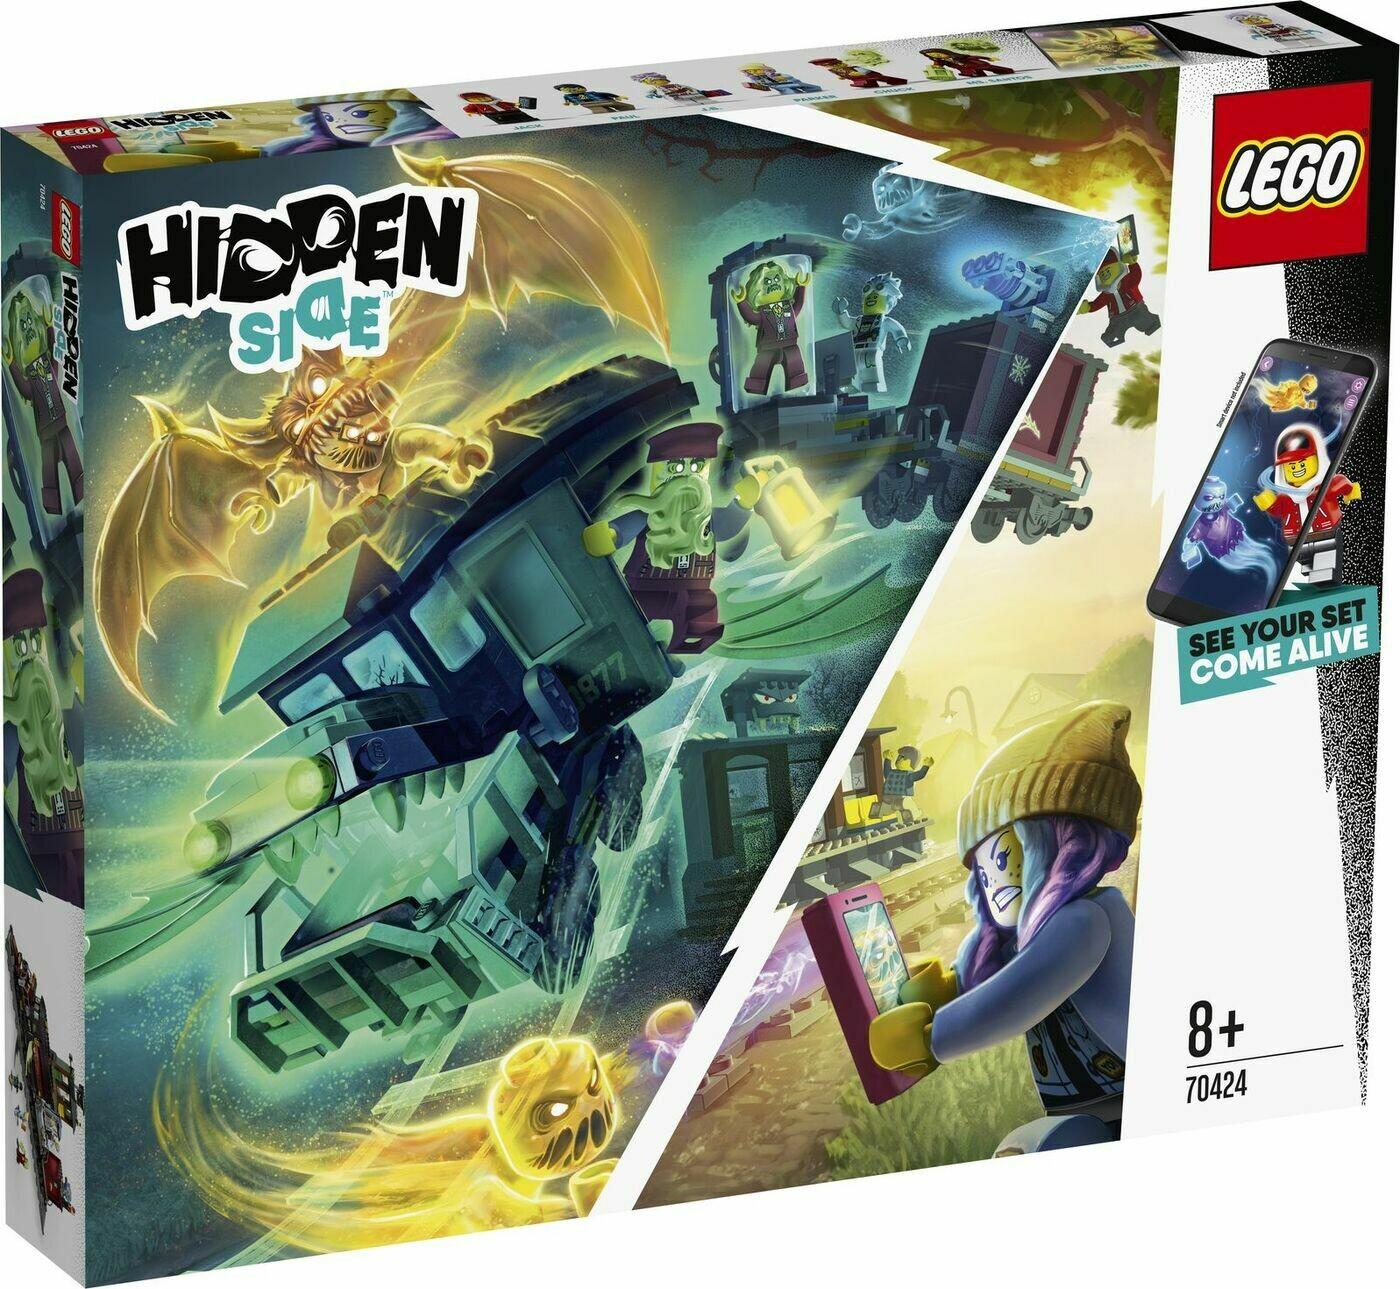 Конструктор LEGO Hidden Side 70424 Призрачный экспресс